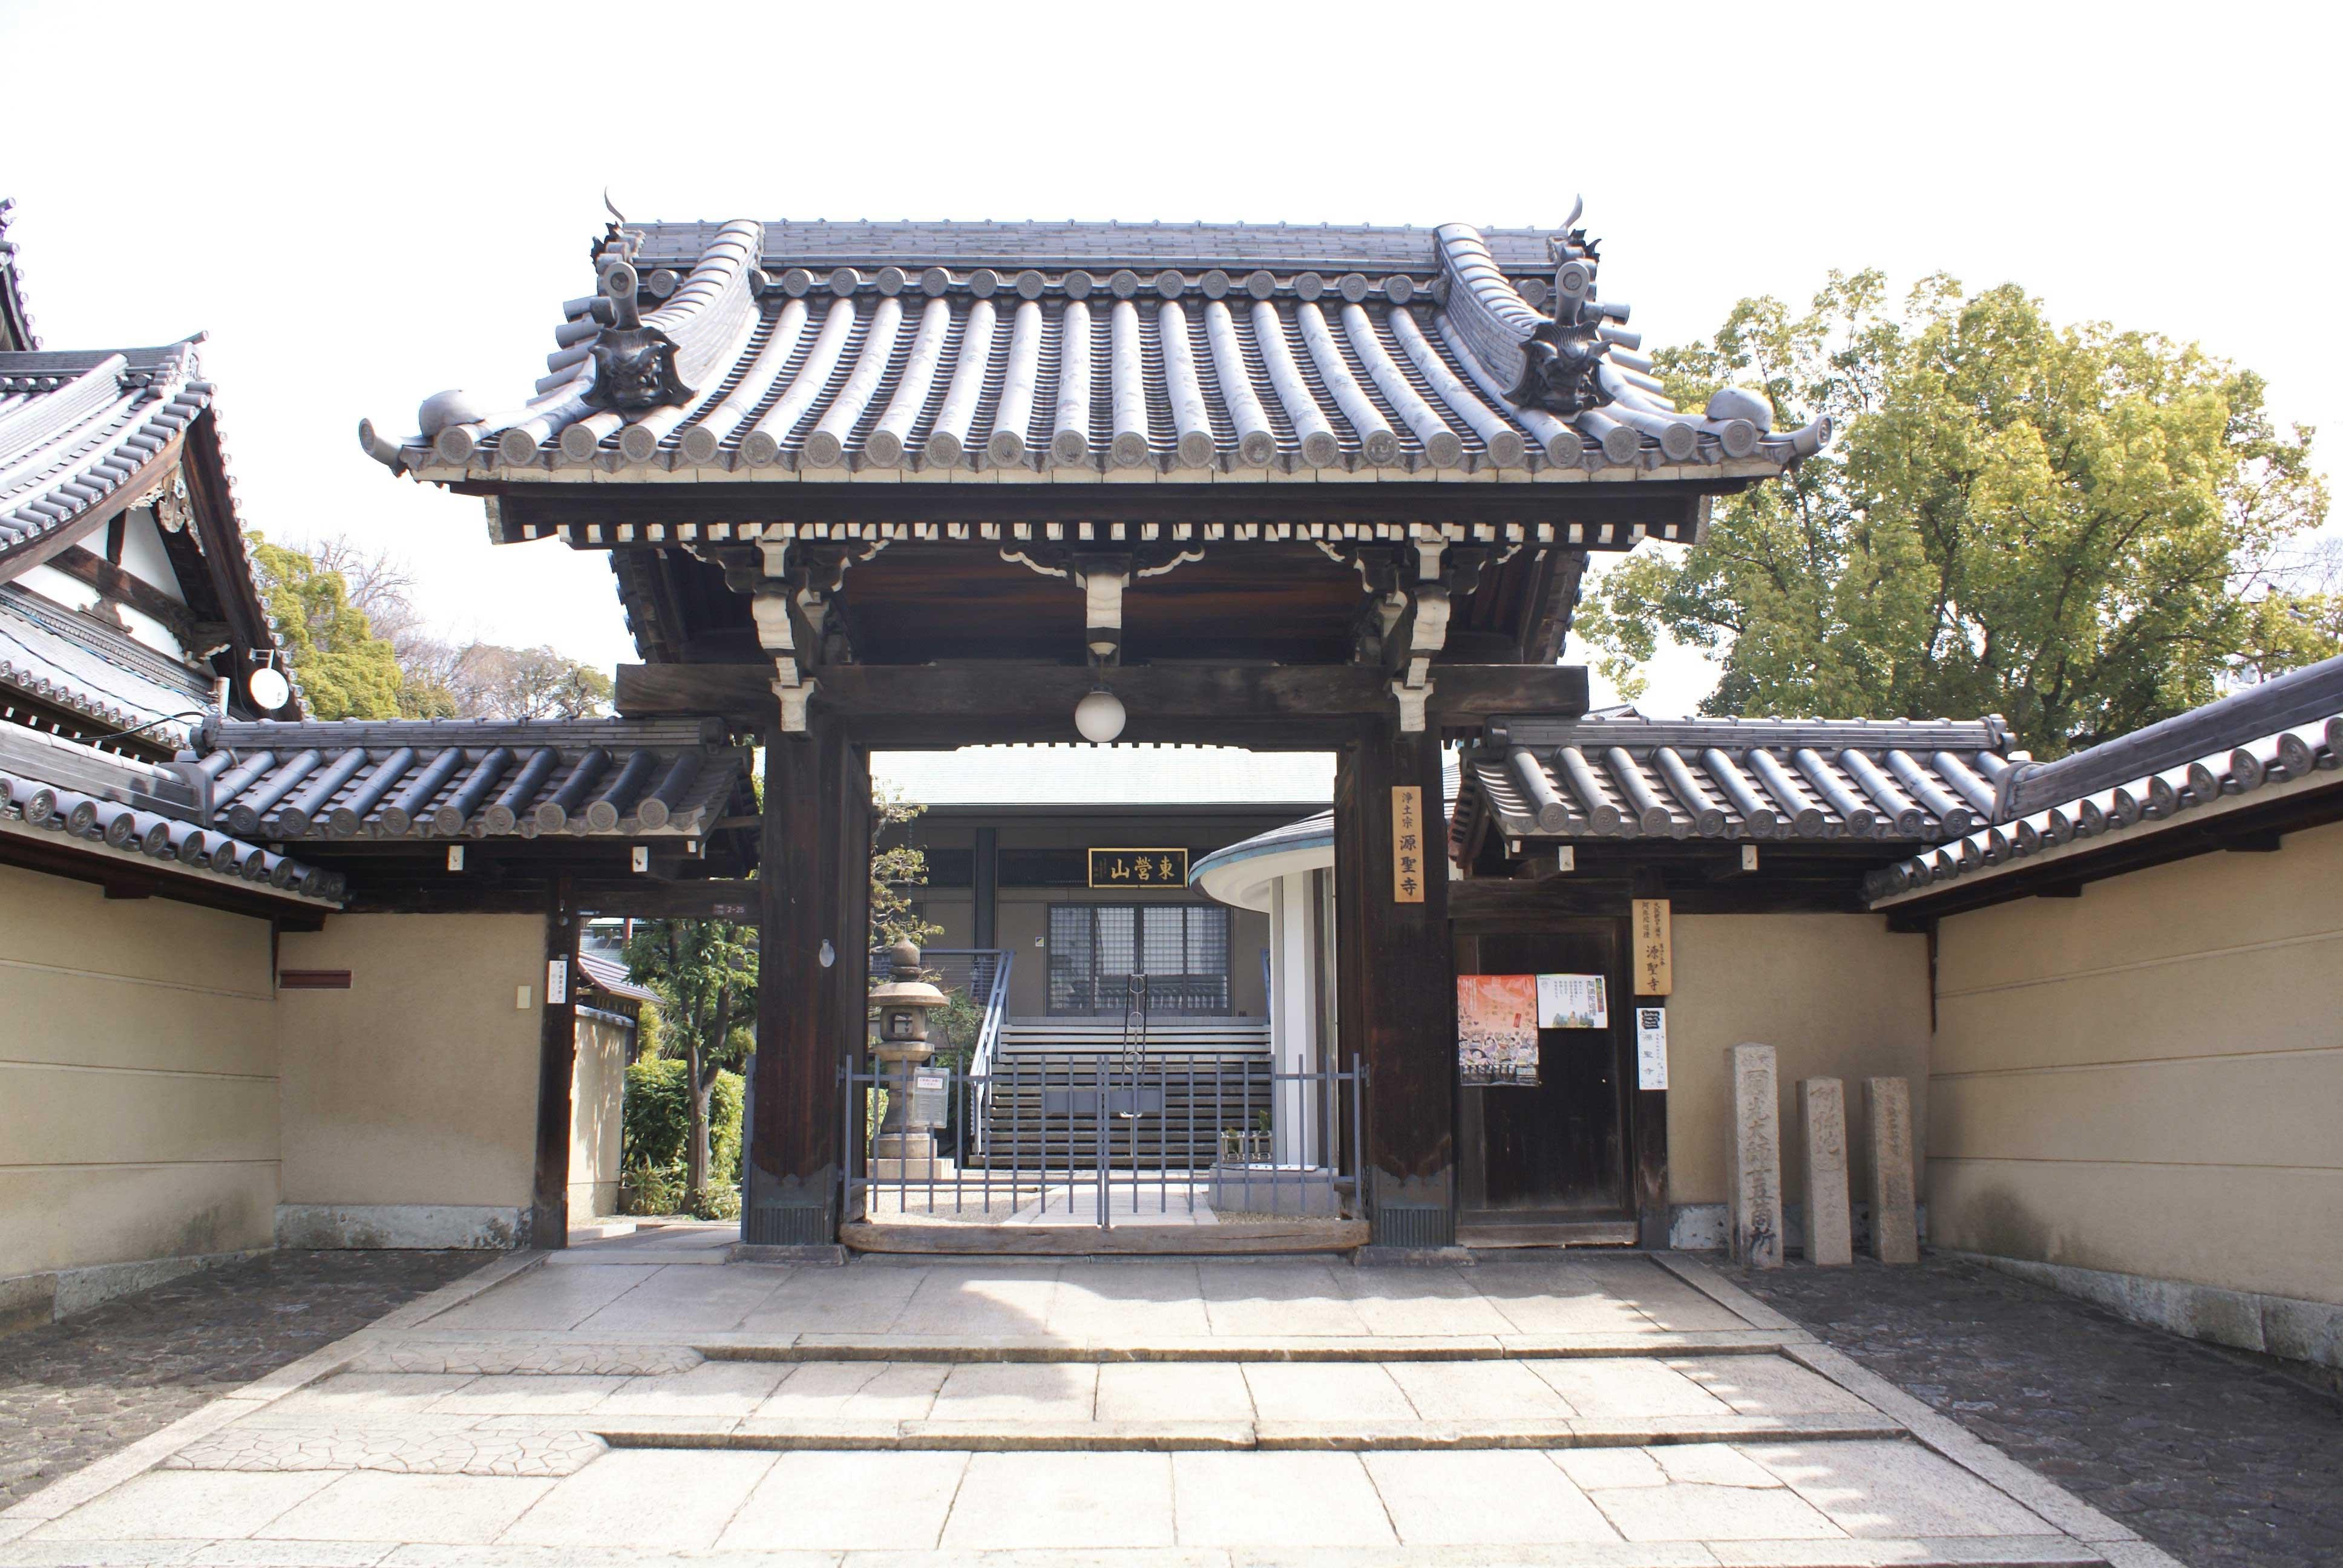 <p>薬医門形式の山門</p>間口3.2mの一間薬医門。潜り付の袖塀を両脇に付ける。屋根は切妻造本瓦葺、大型の薬医門である。左手に庫裏が見える。